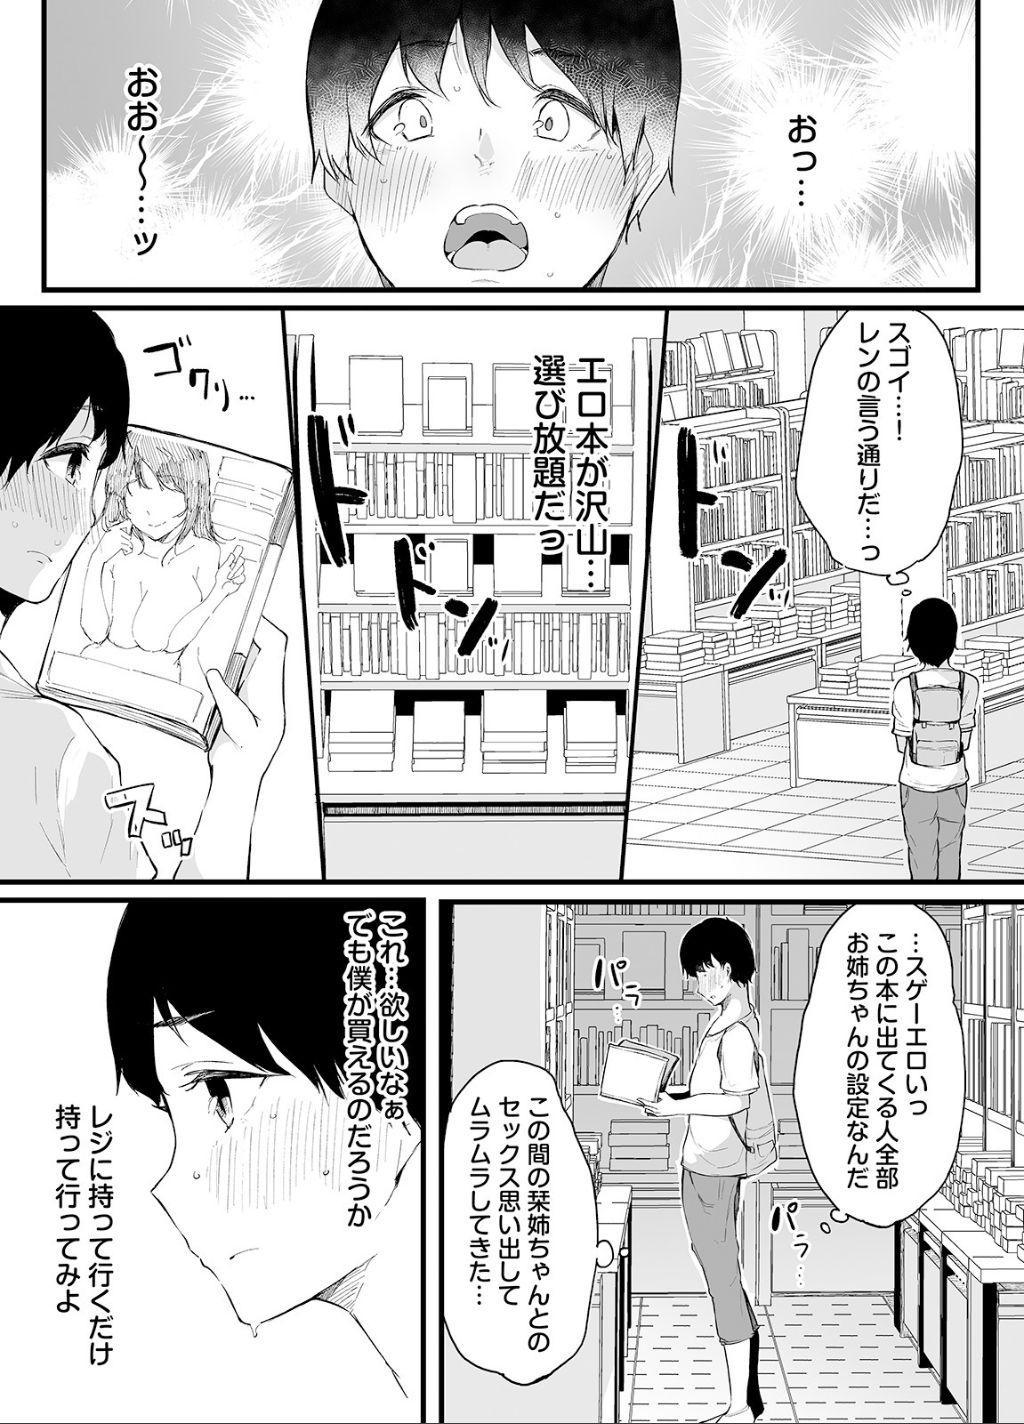 Otouto ni Ero Manga to Onaji Koto o Sare Chau o Nee-chan no Hanashi 2 40